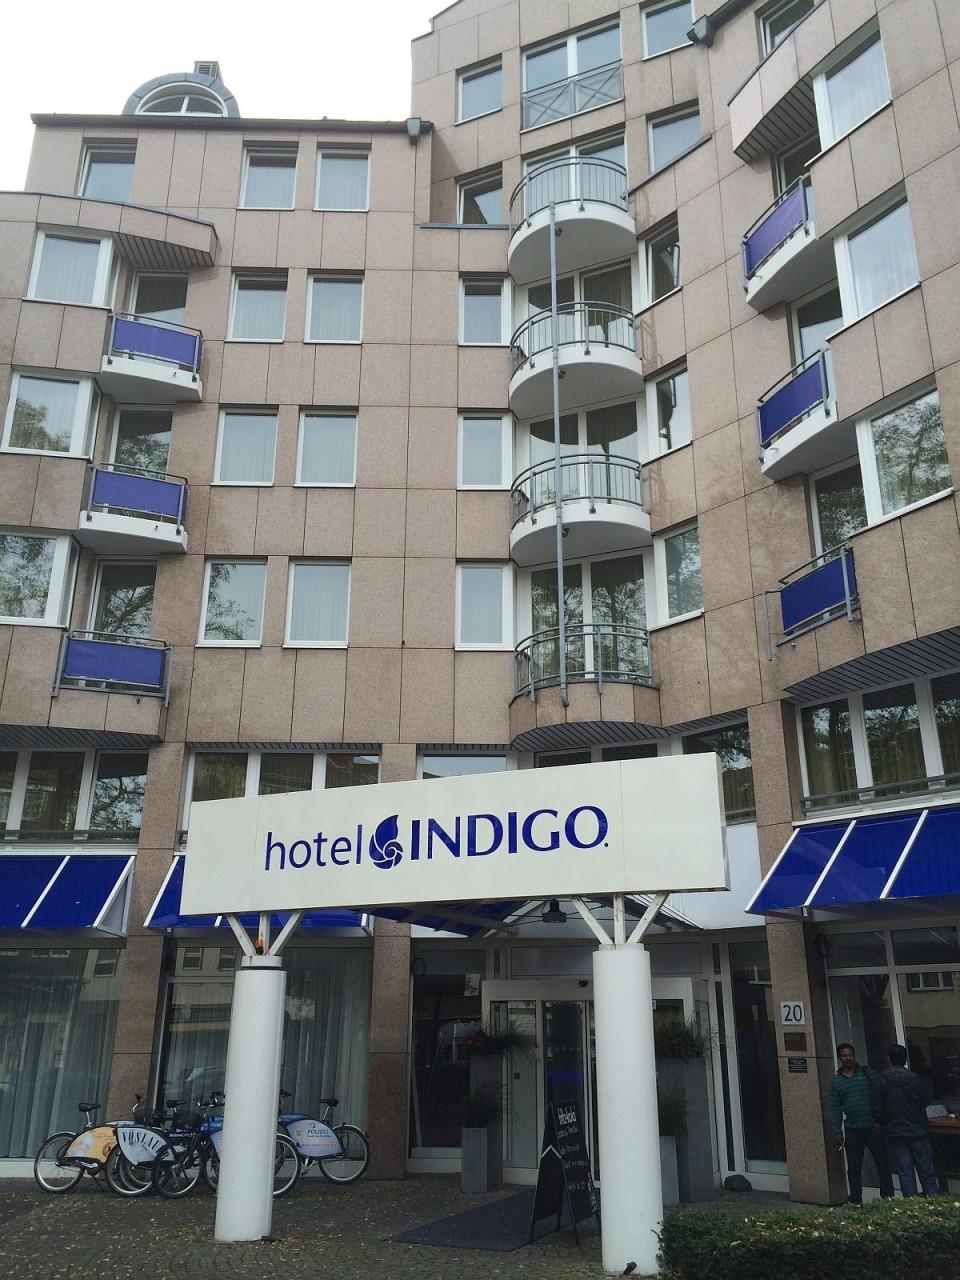 Hotel indigo d sseldorf insideflyer nl for Hotel dusseldorf mit schwimmbad